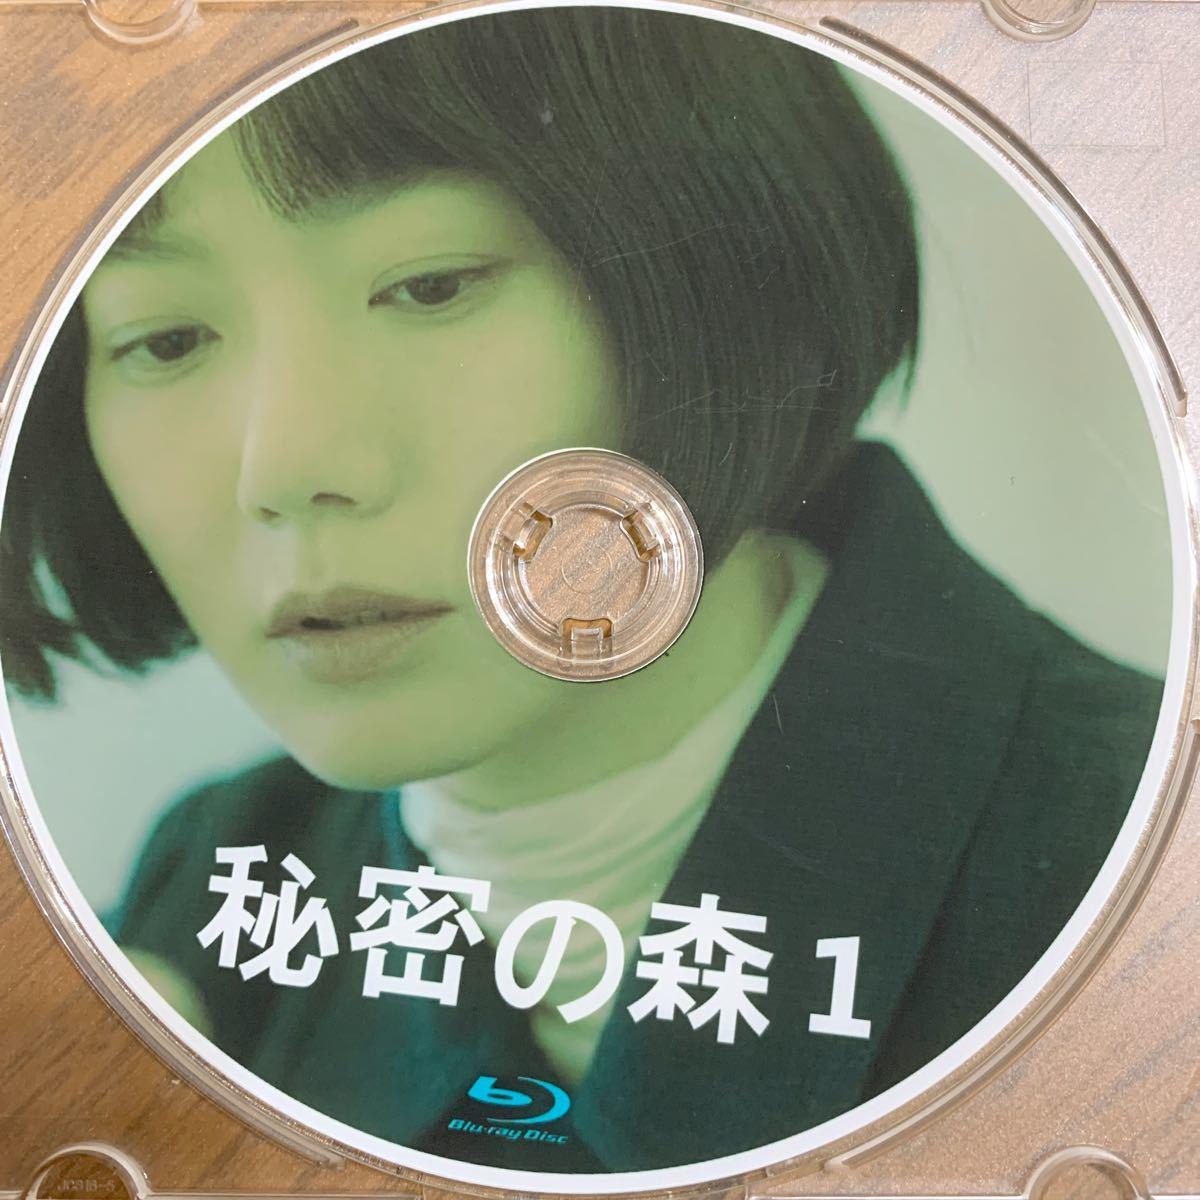 韓国ドラマ 秘密の森1  Blu-ray